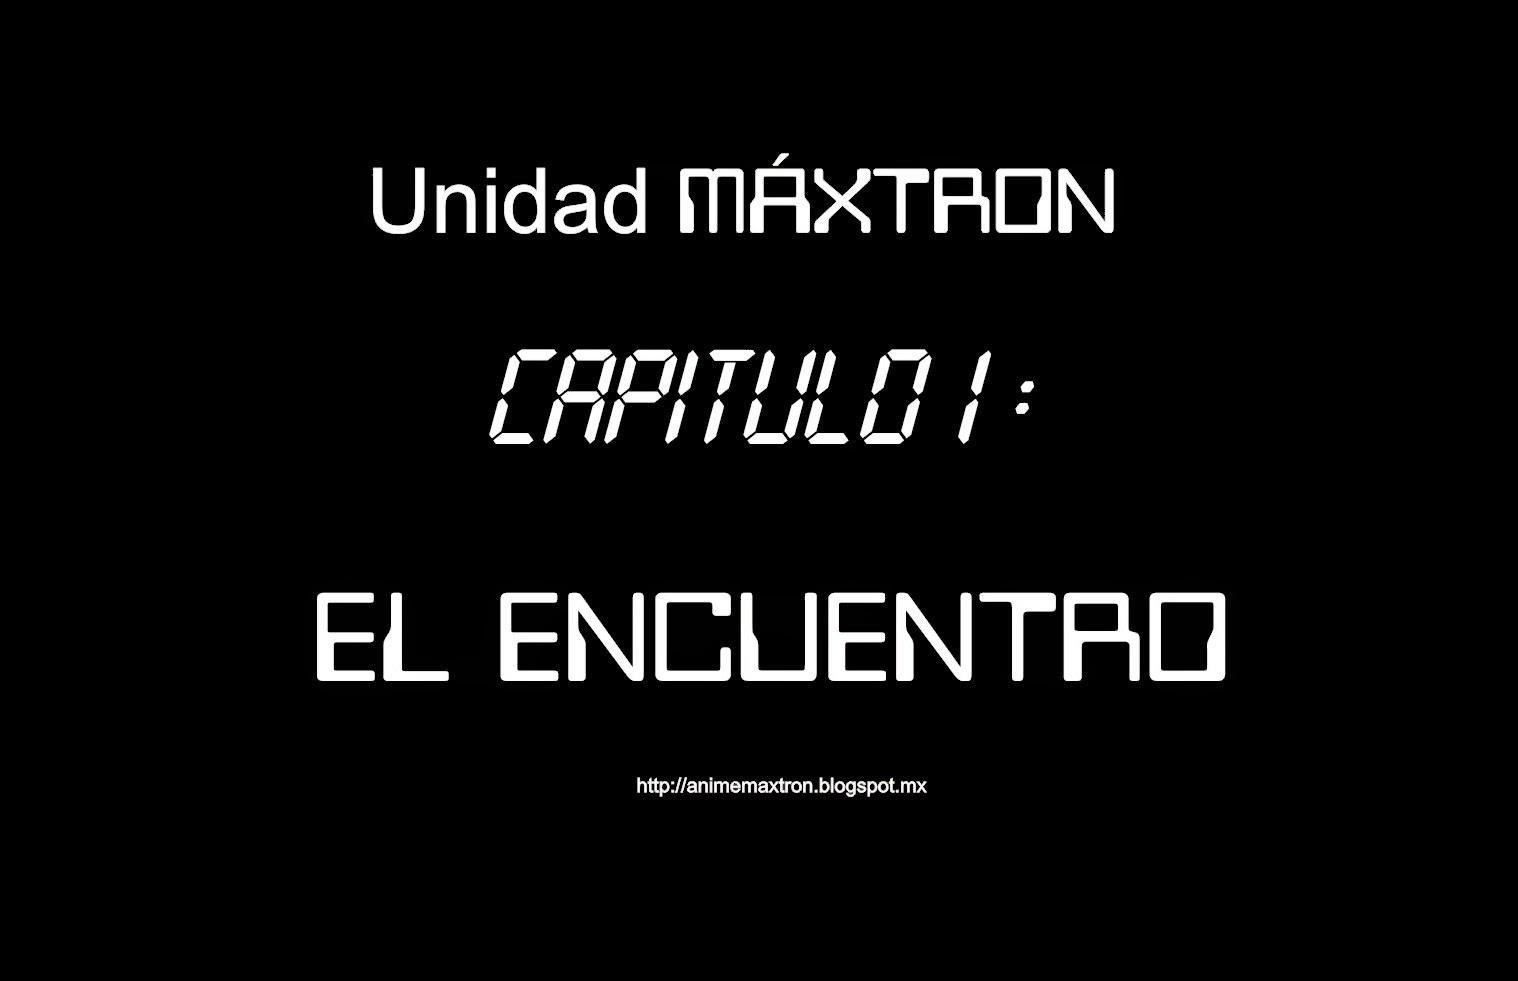 Unidad MÁXTRON historieta cómica 0002 http://animemaxtron.blogspot.mx